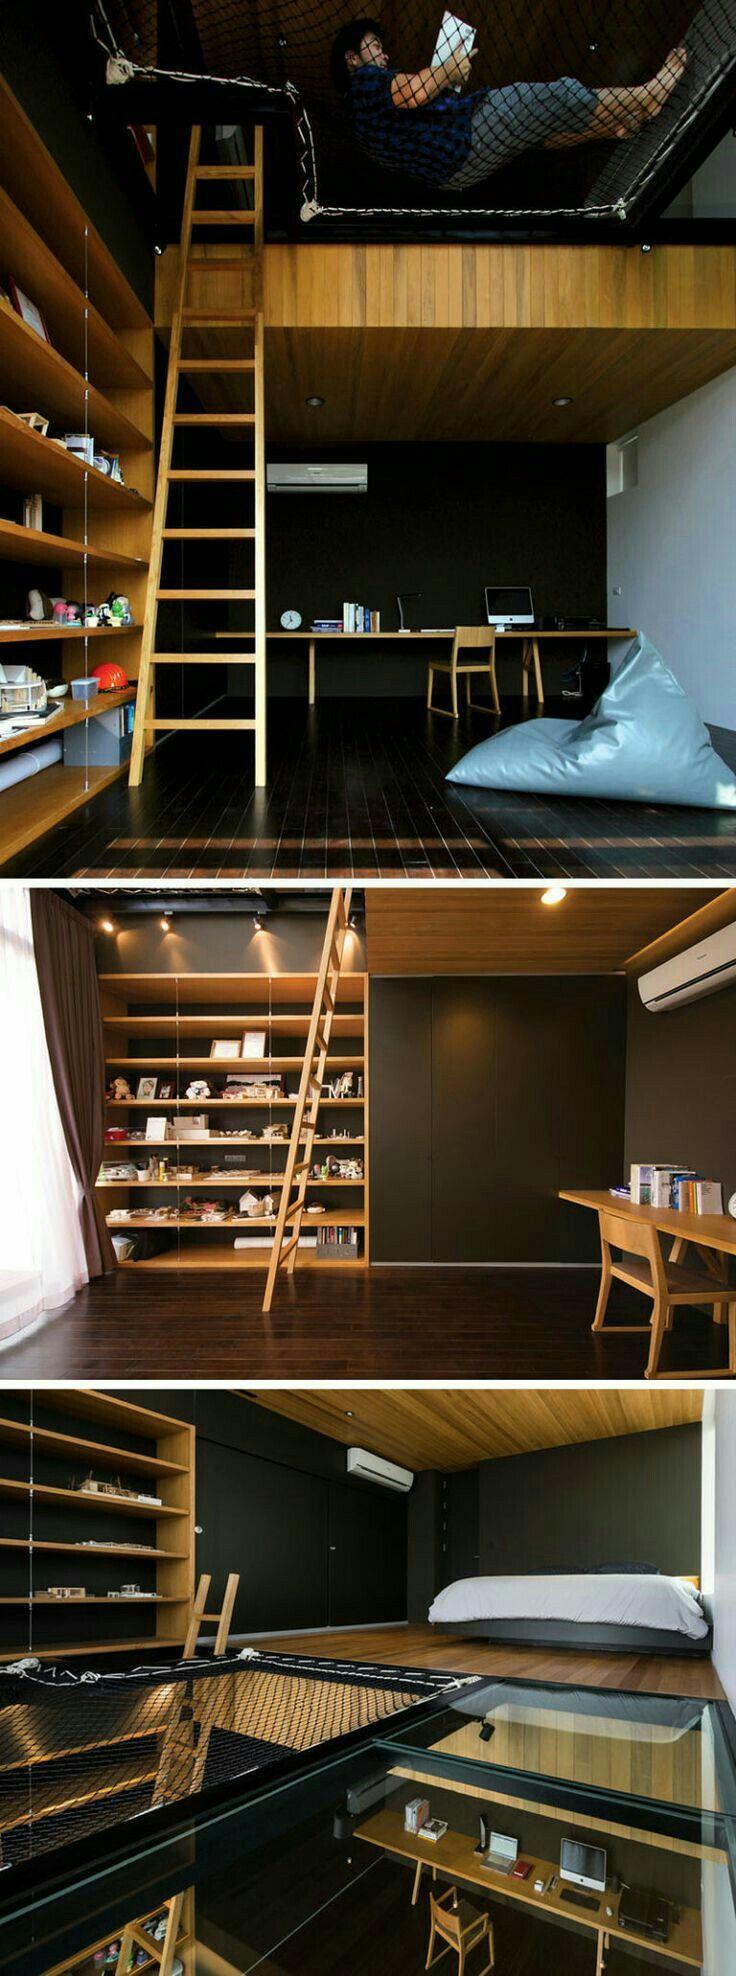 Wohnideen Großes Schlafzimmer pin daisydisrbed auf diy und selbermachen